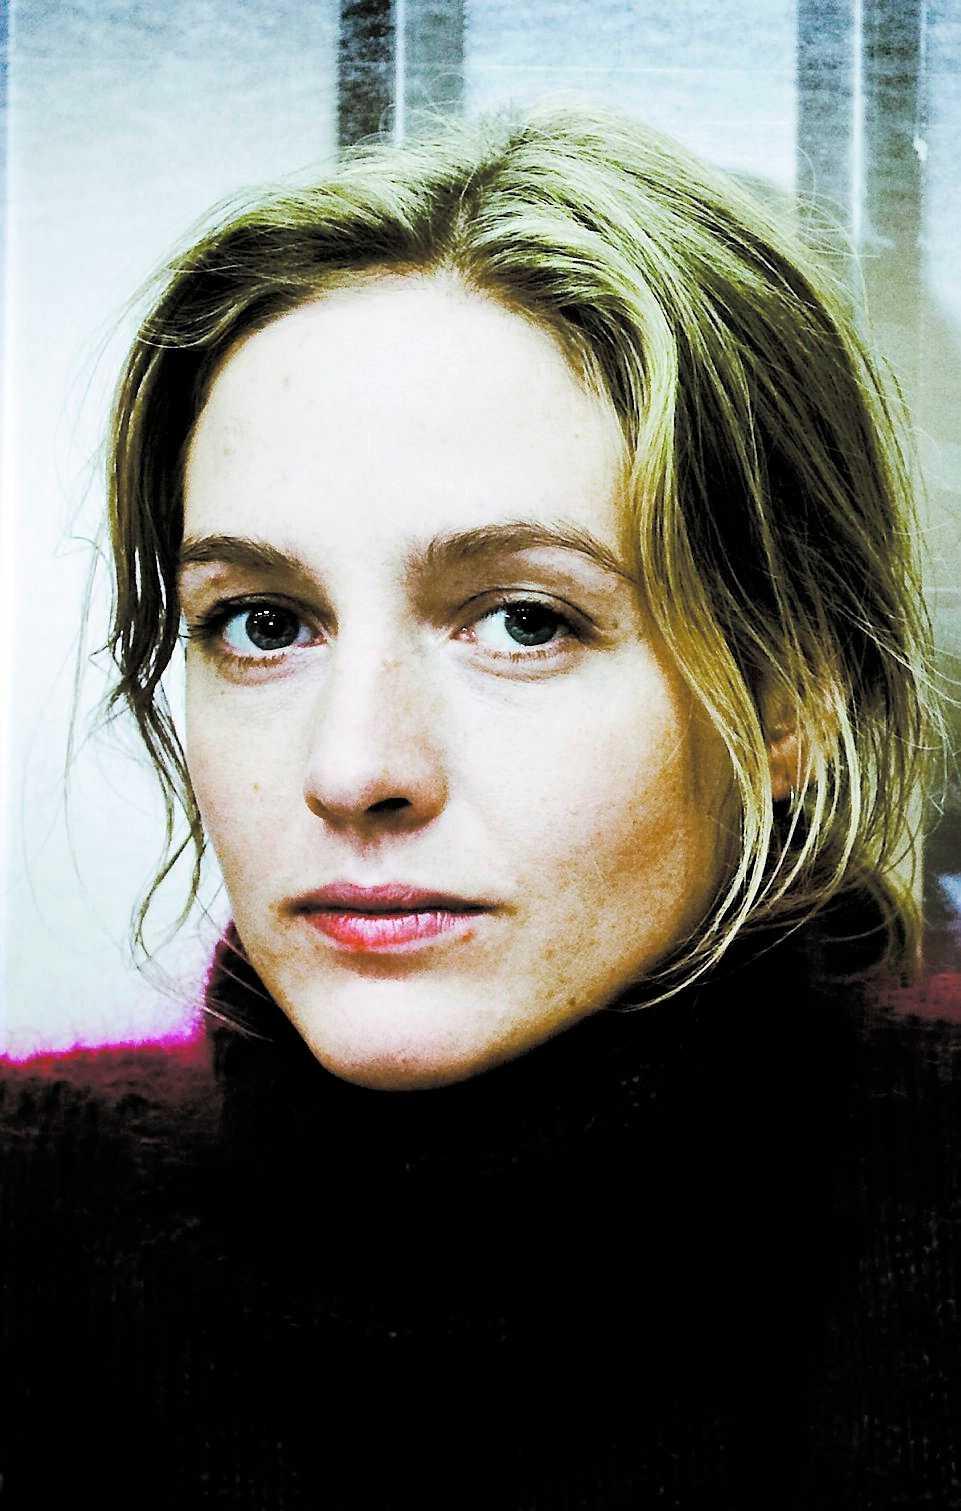 hittades död Johanna Sällström hittades död i sin lägenhet i Malmö den 13 februari i fjol. Hon skulle ha fyllt 33 år den 30 december.